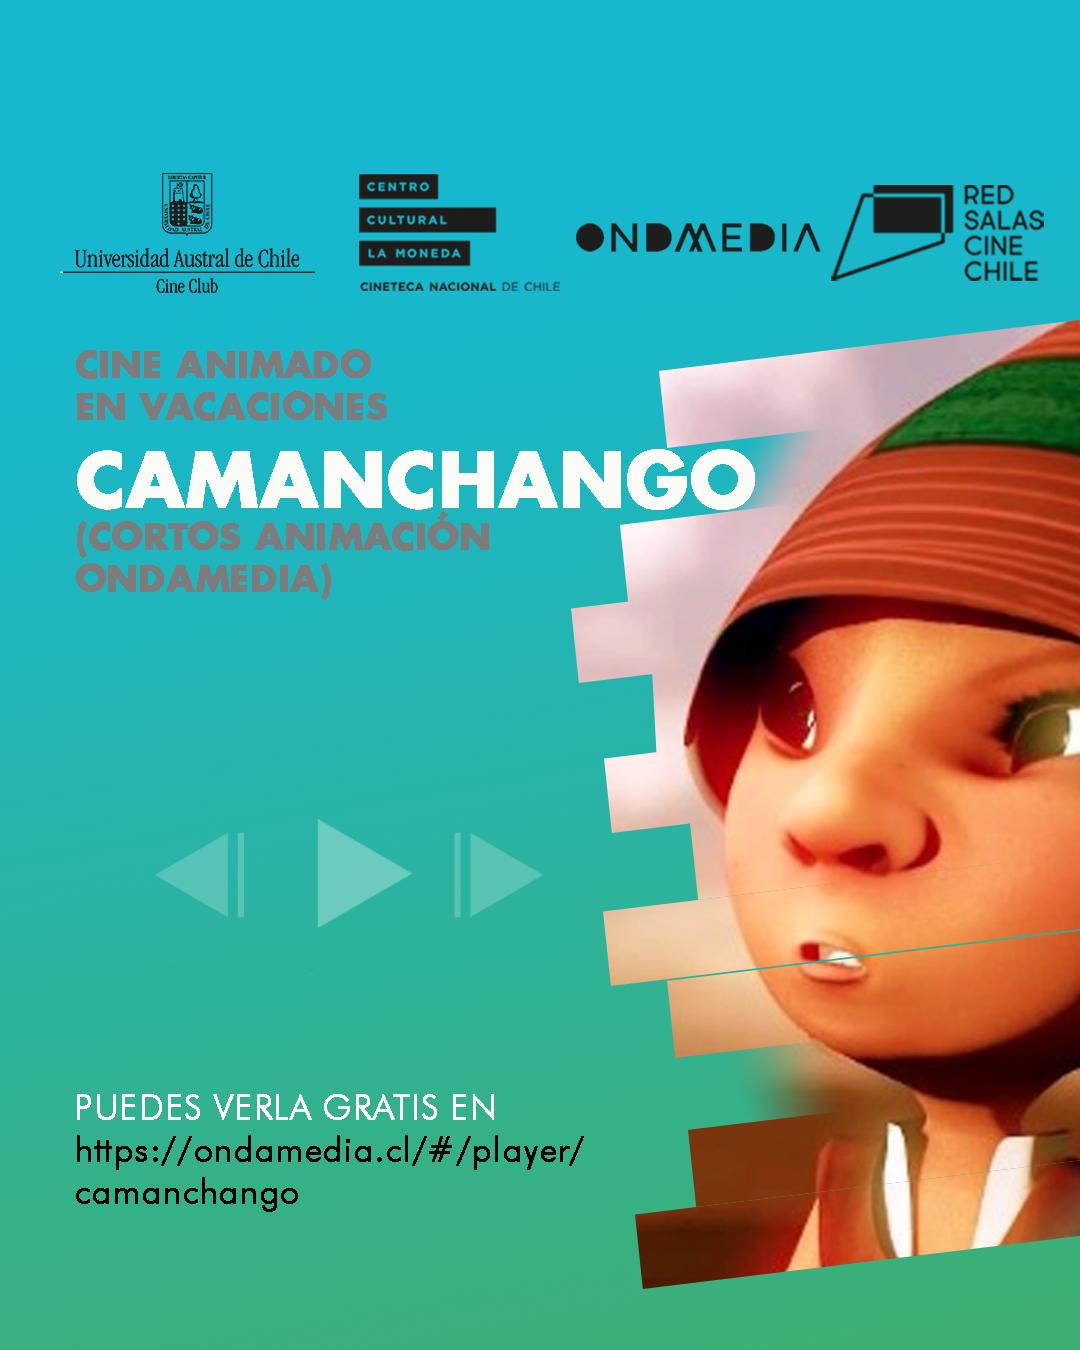 Camanchango